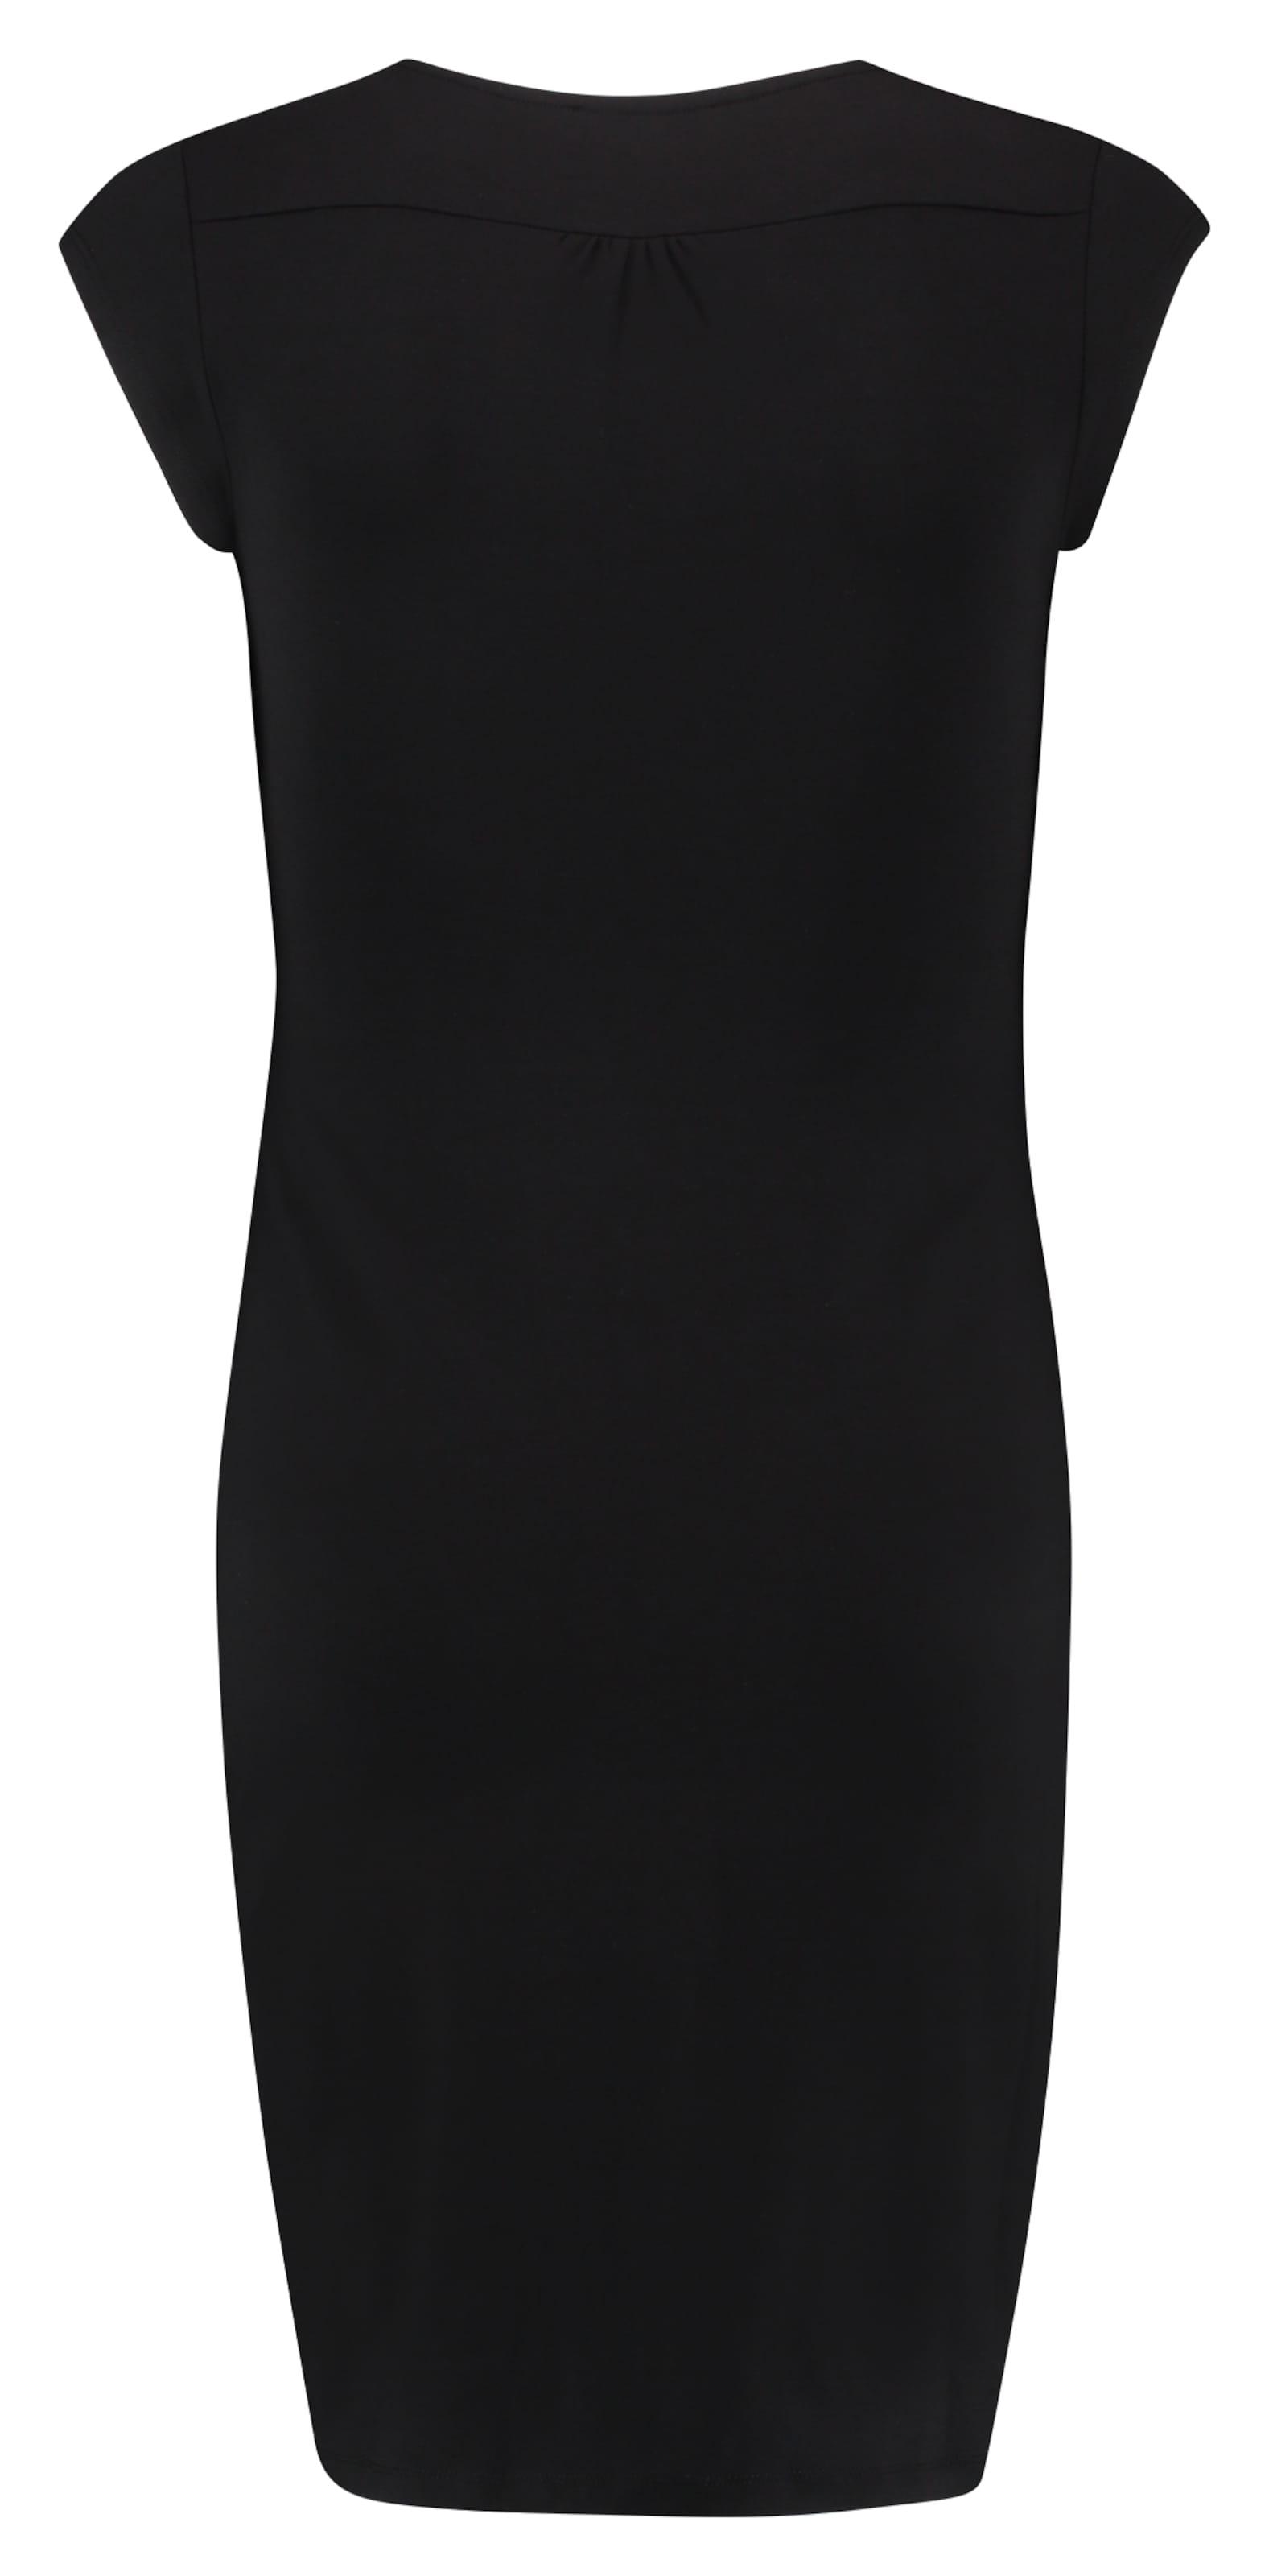 QUEEN MUM Kleid Outlet Neueste Guenstige Online 100% Garantiert Empfehlen Rabatt Freies Verschiffen Wirklich eYBtH